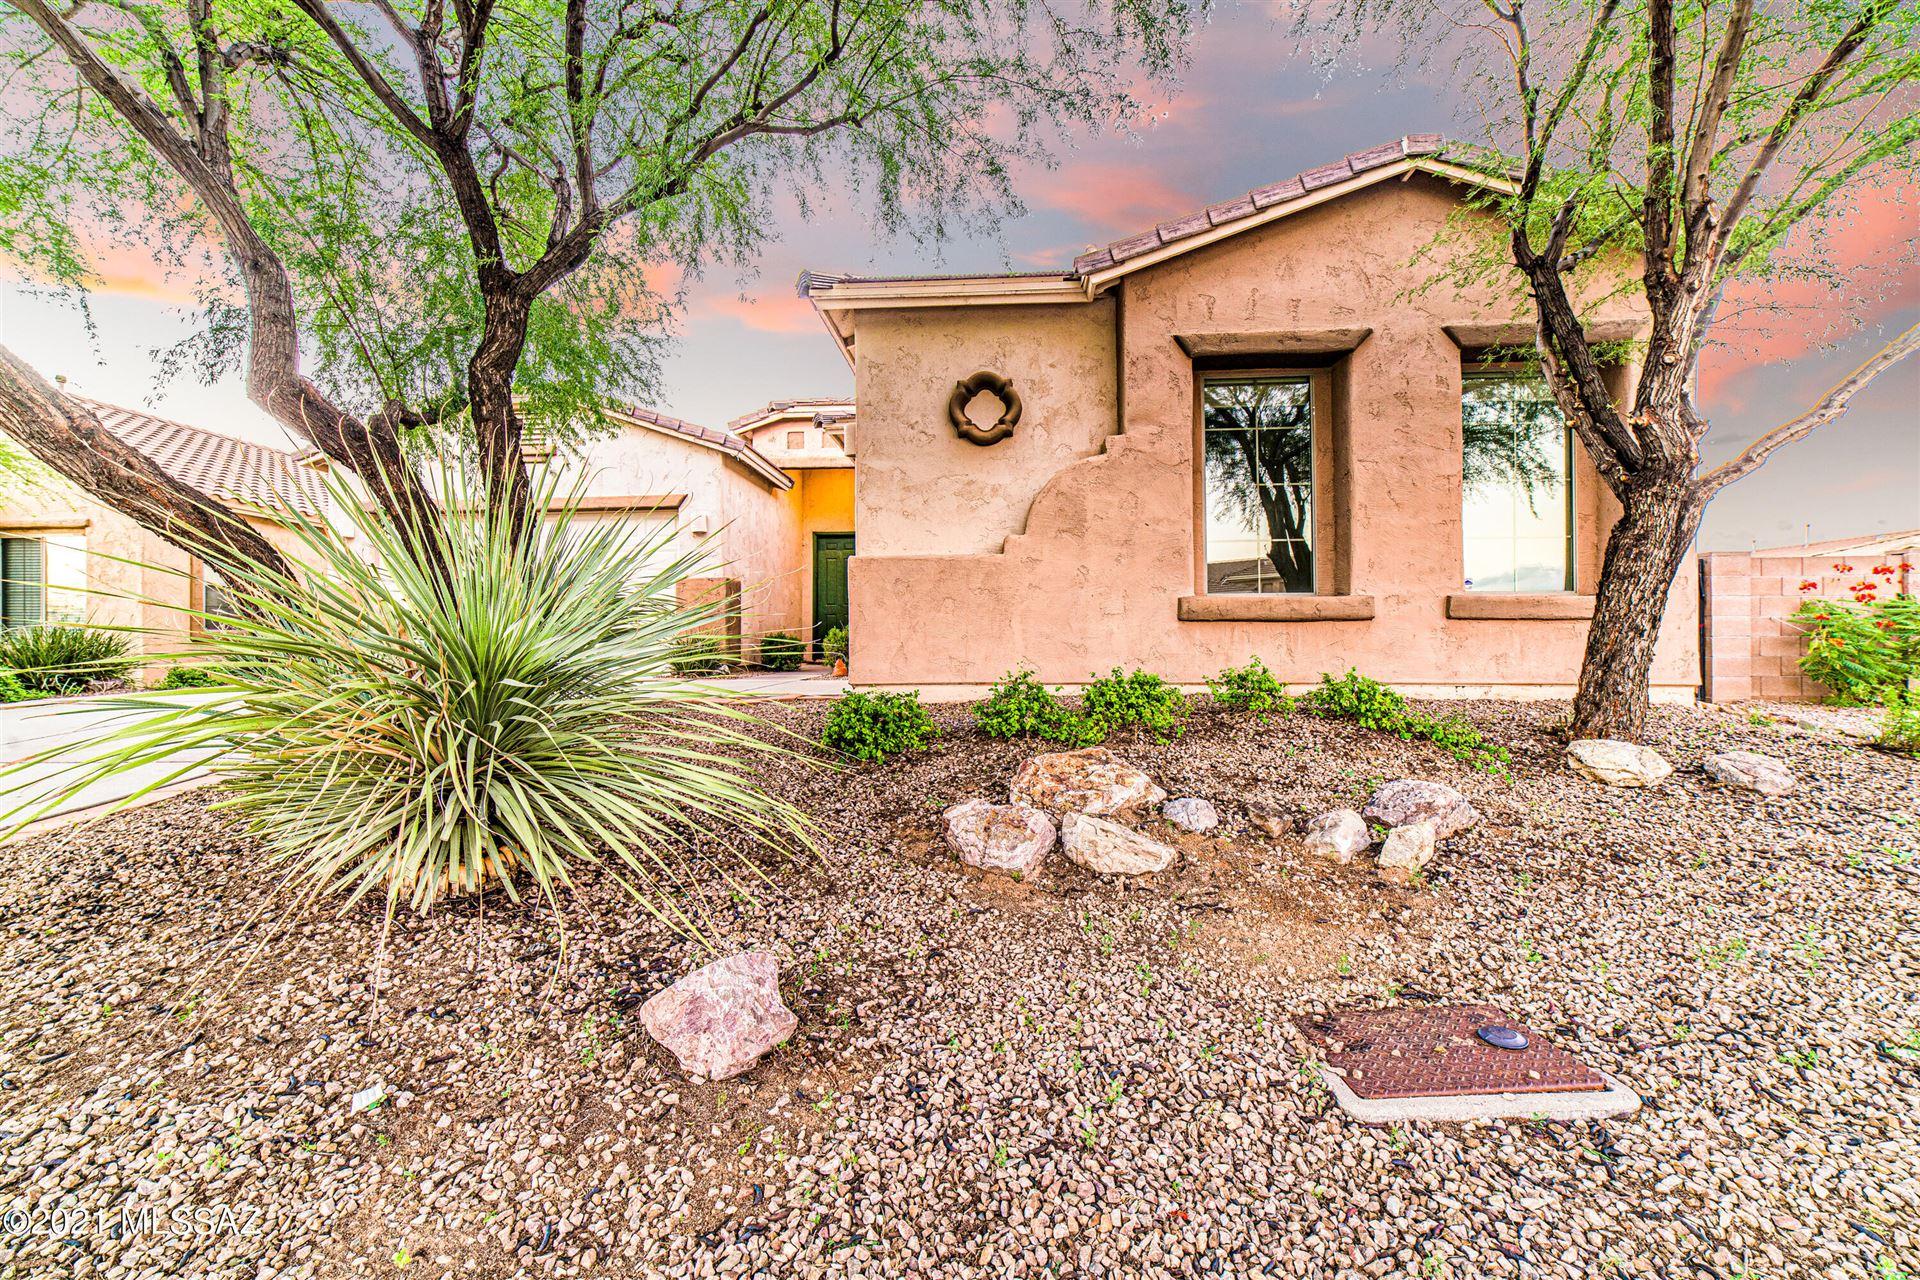 1242 W Keuhne Court, Oro Valley, AZ 85755 - MLS#: 22123764